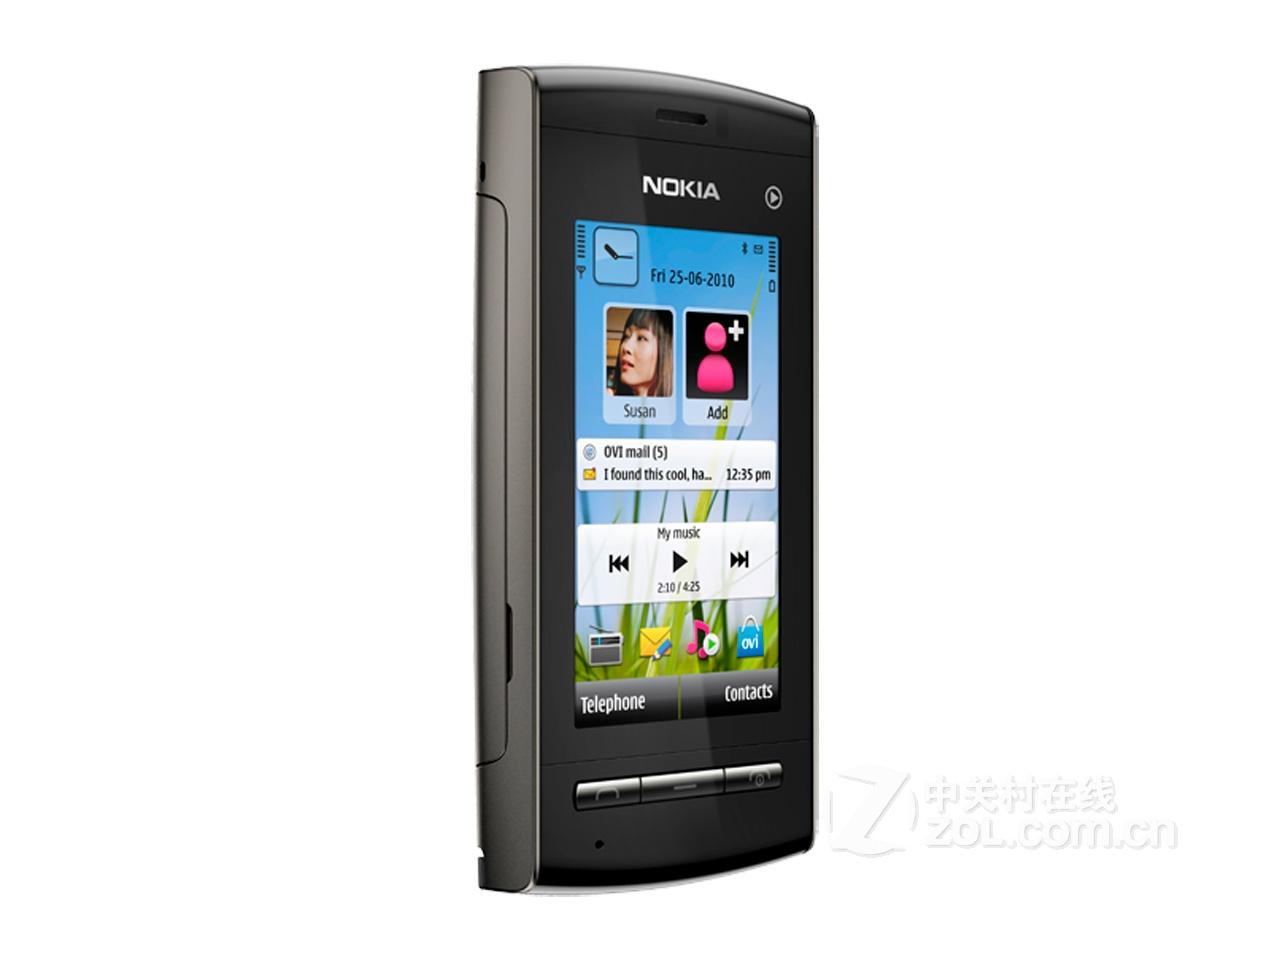 诺基亚5250屏幕大小_手机界面图 36张 整体外观图 8张 机身细节图 20张 配件及其他 10张